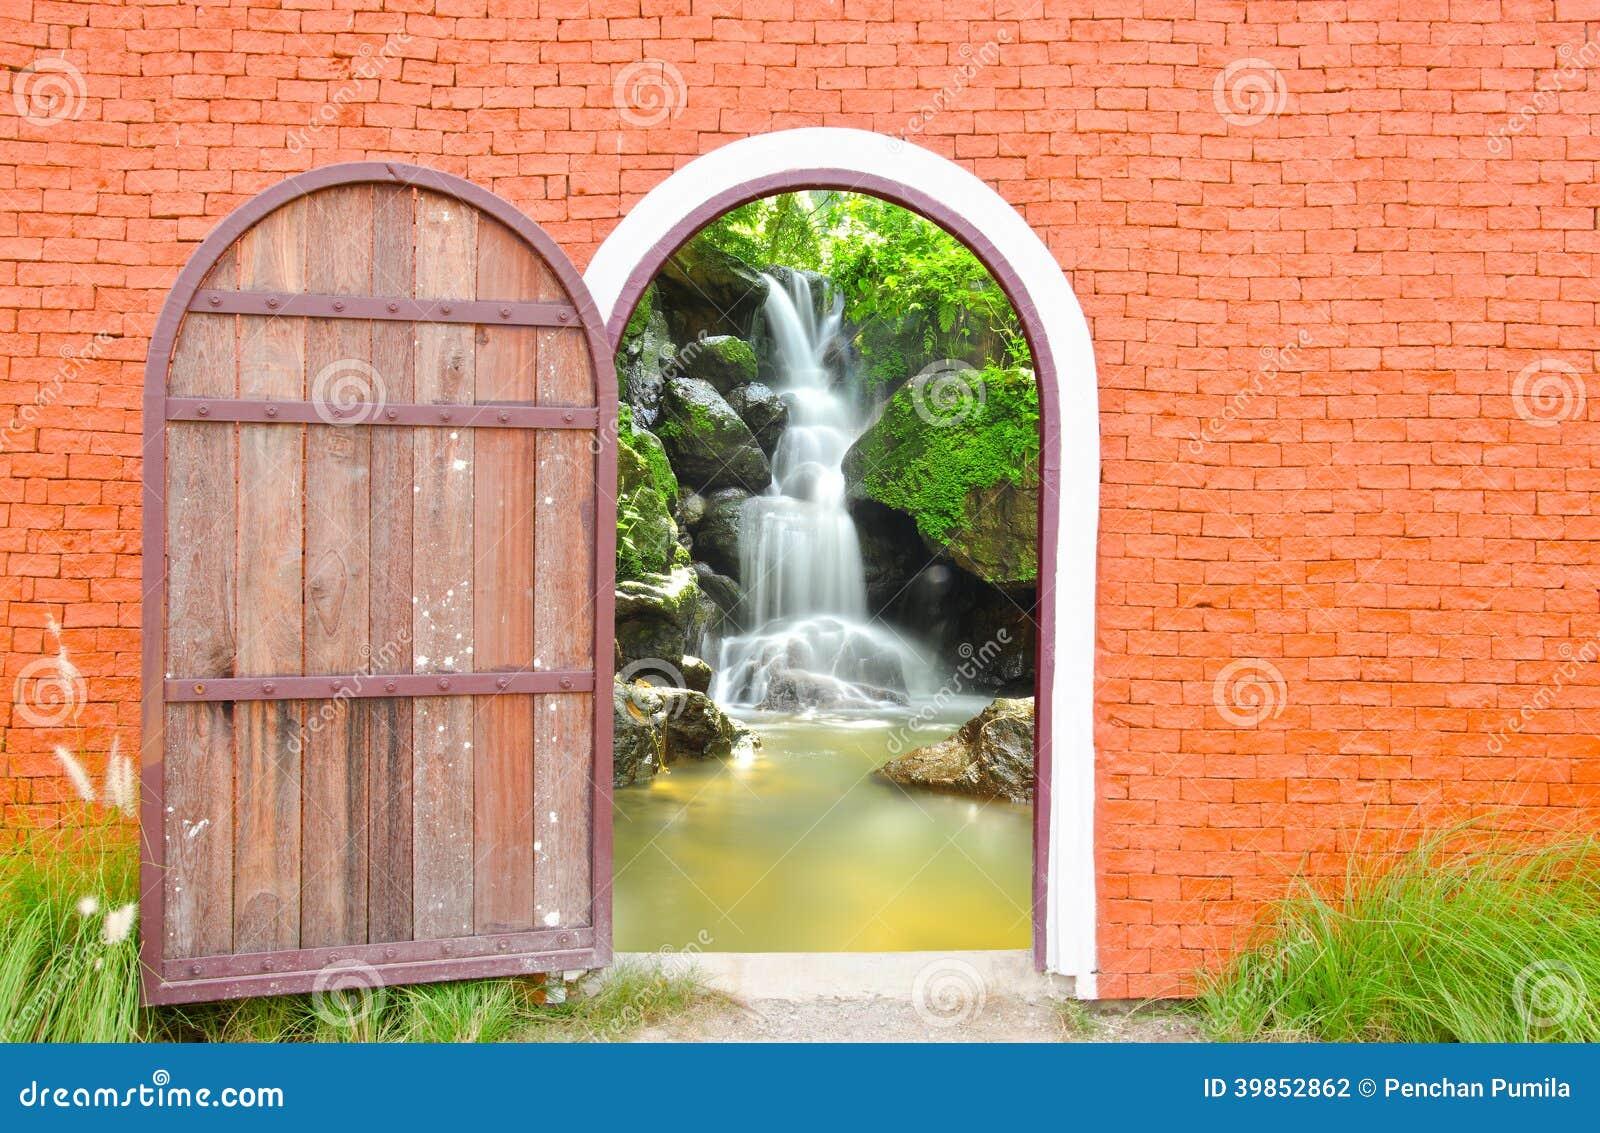 La vieille porte est ouverte photo stock image 39852862 - Vieille porte en bois ...